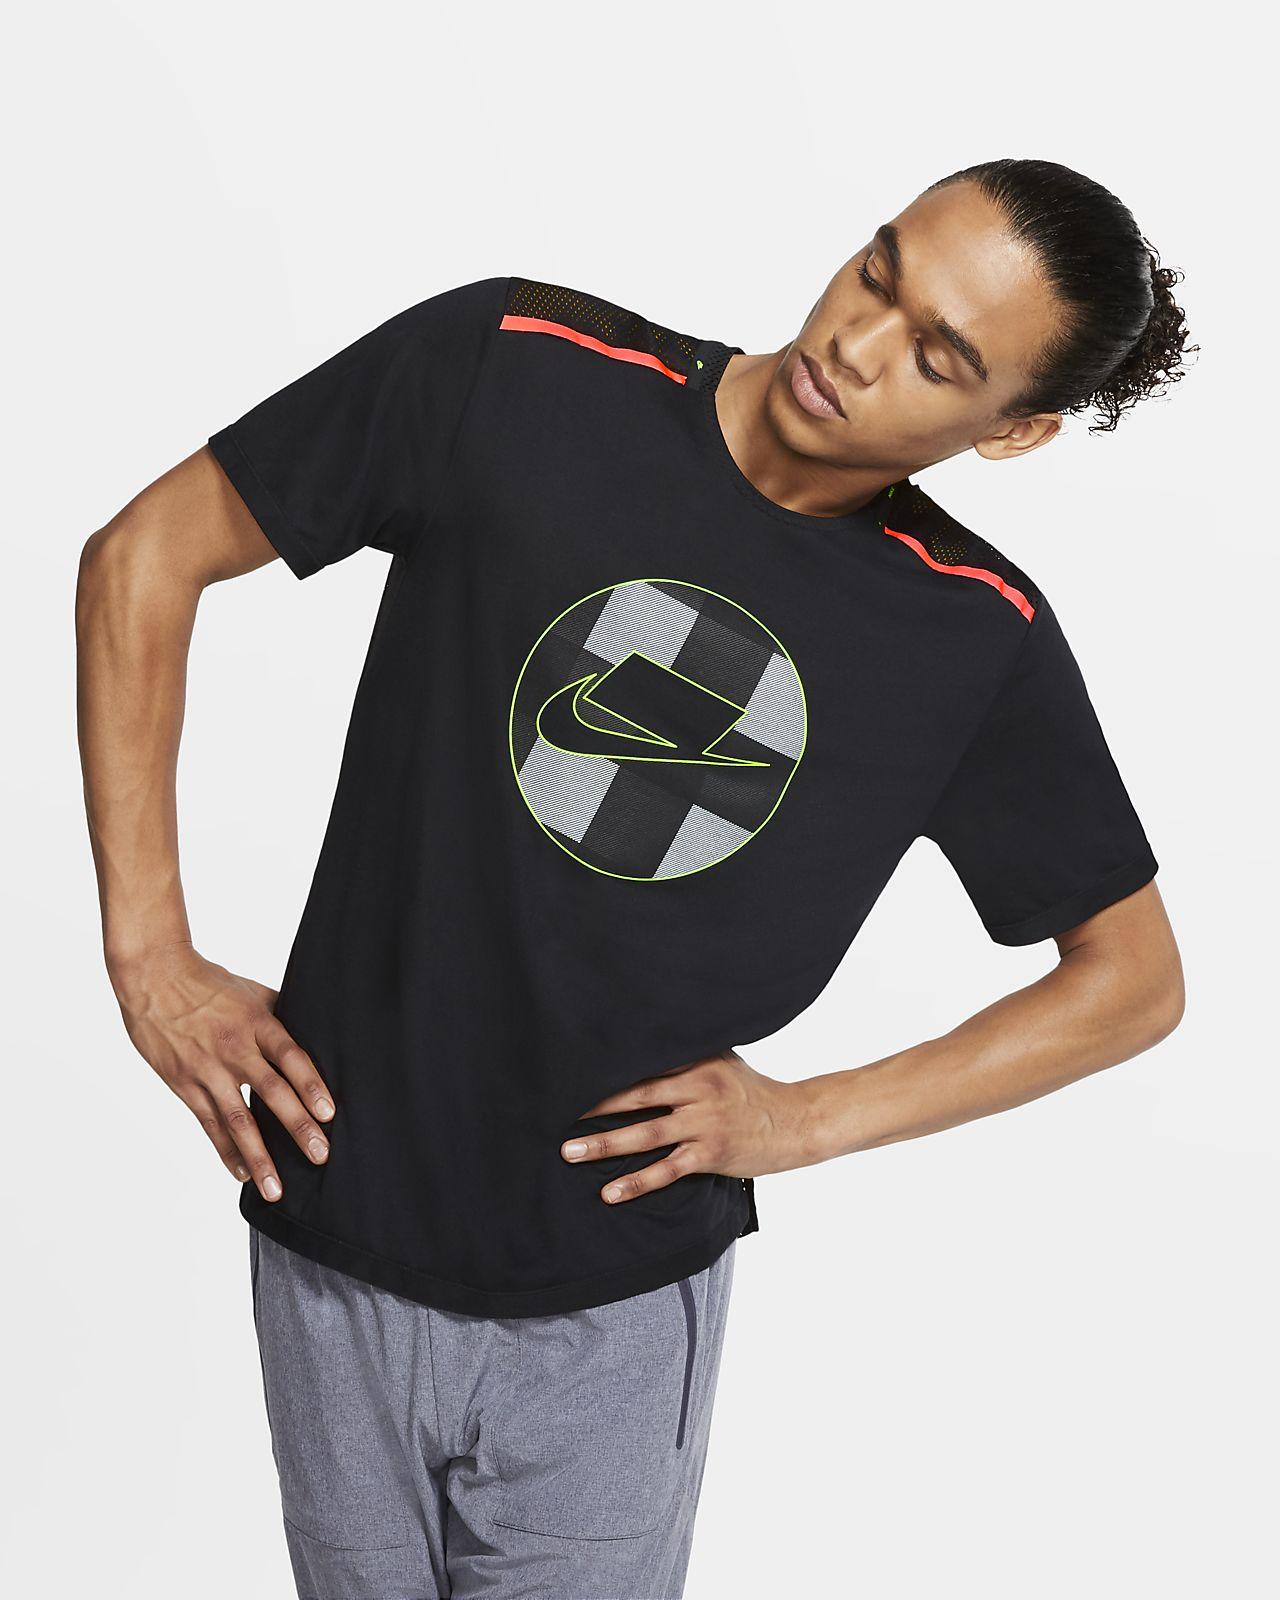 Мужская беговая футболка из сетчатой ткани с коротким рукавом Nike Wild Run